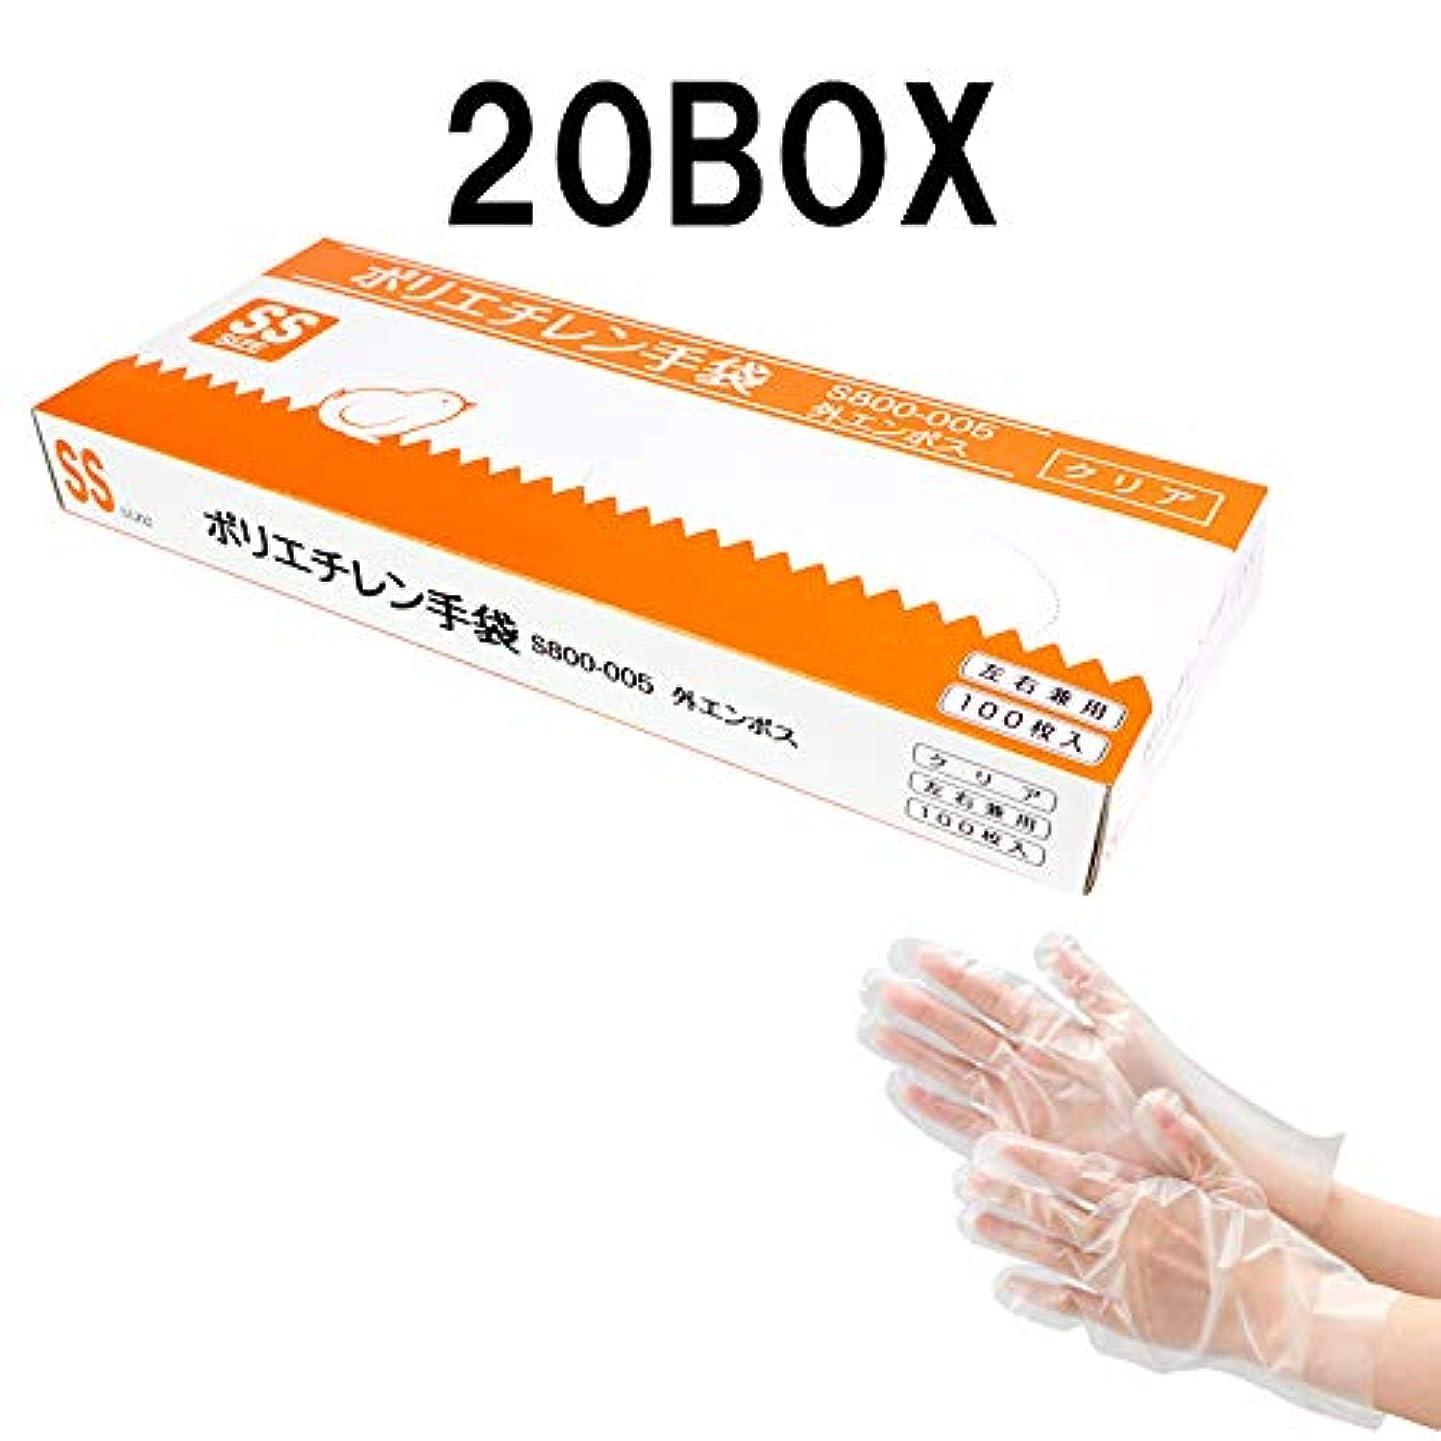 リンケージおしゃれな神社(2000枚) 使い捨て ポリエチレン手袋 SSサイズ 100枚入り×20BOX クリア色 左右兼用 外エンボス 食品衛生法適合品